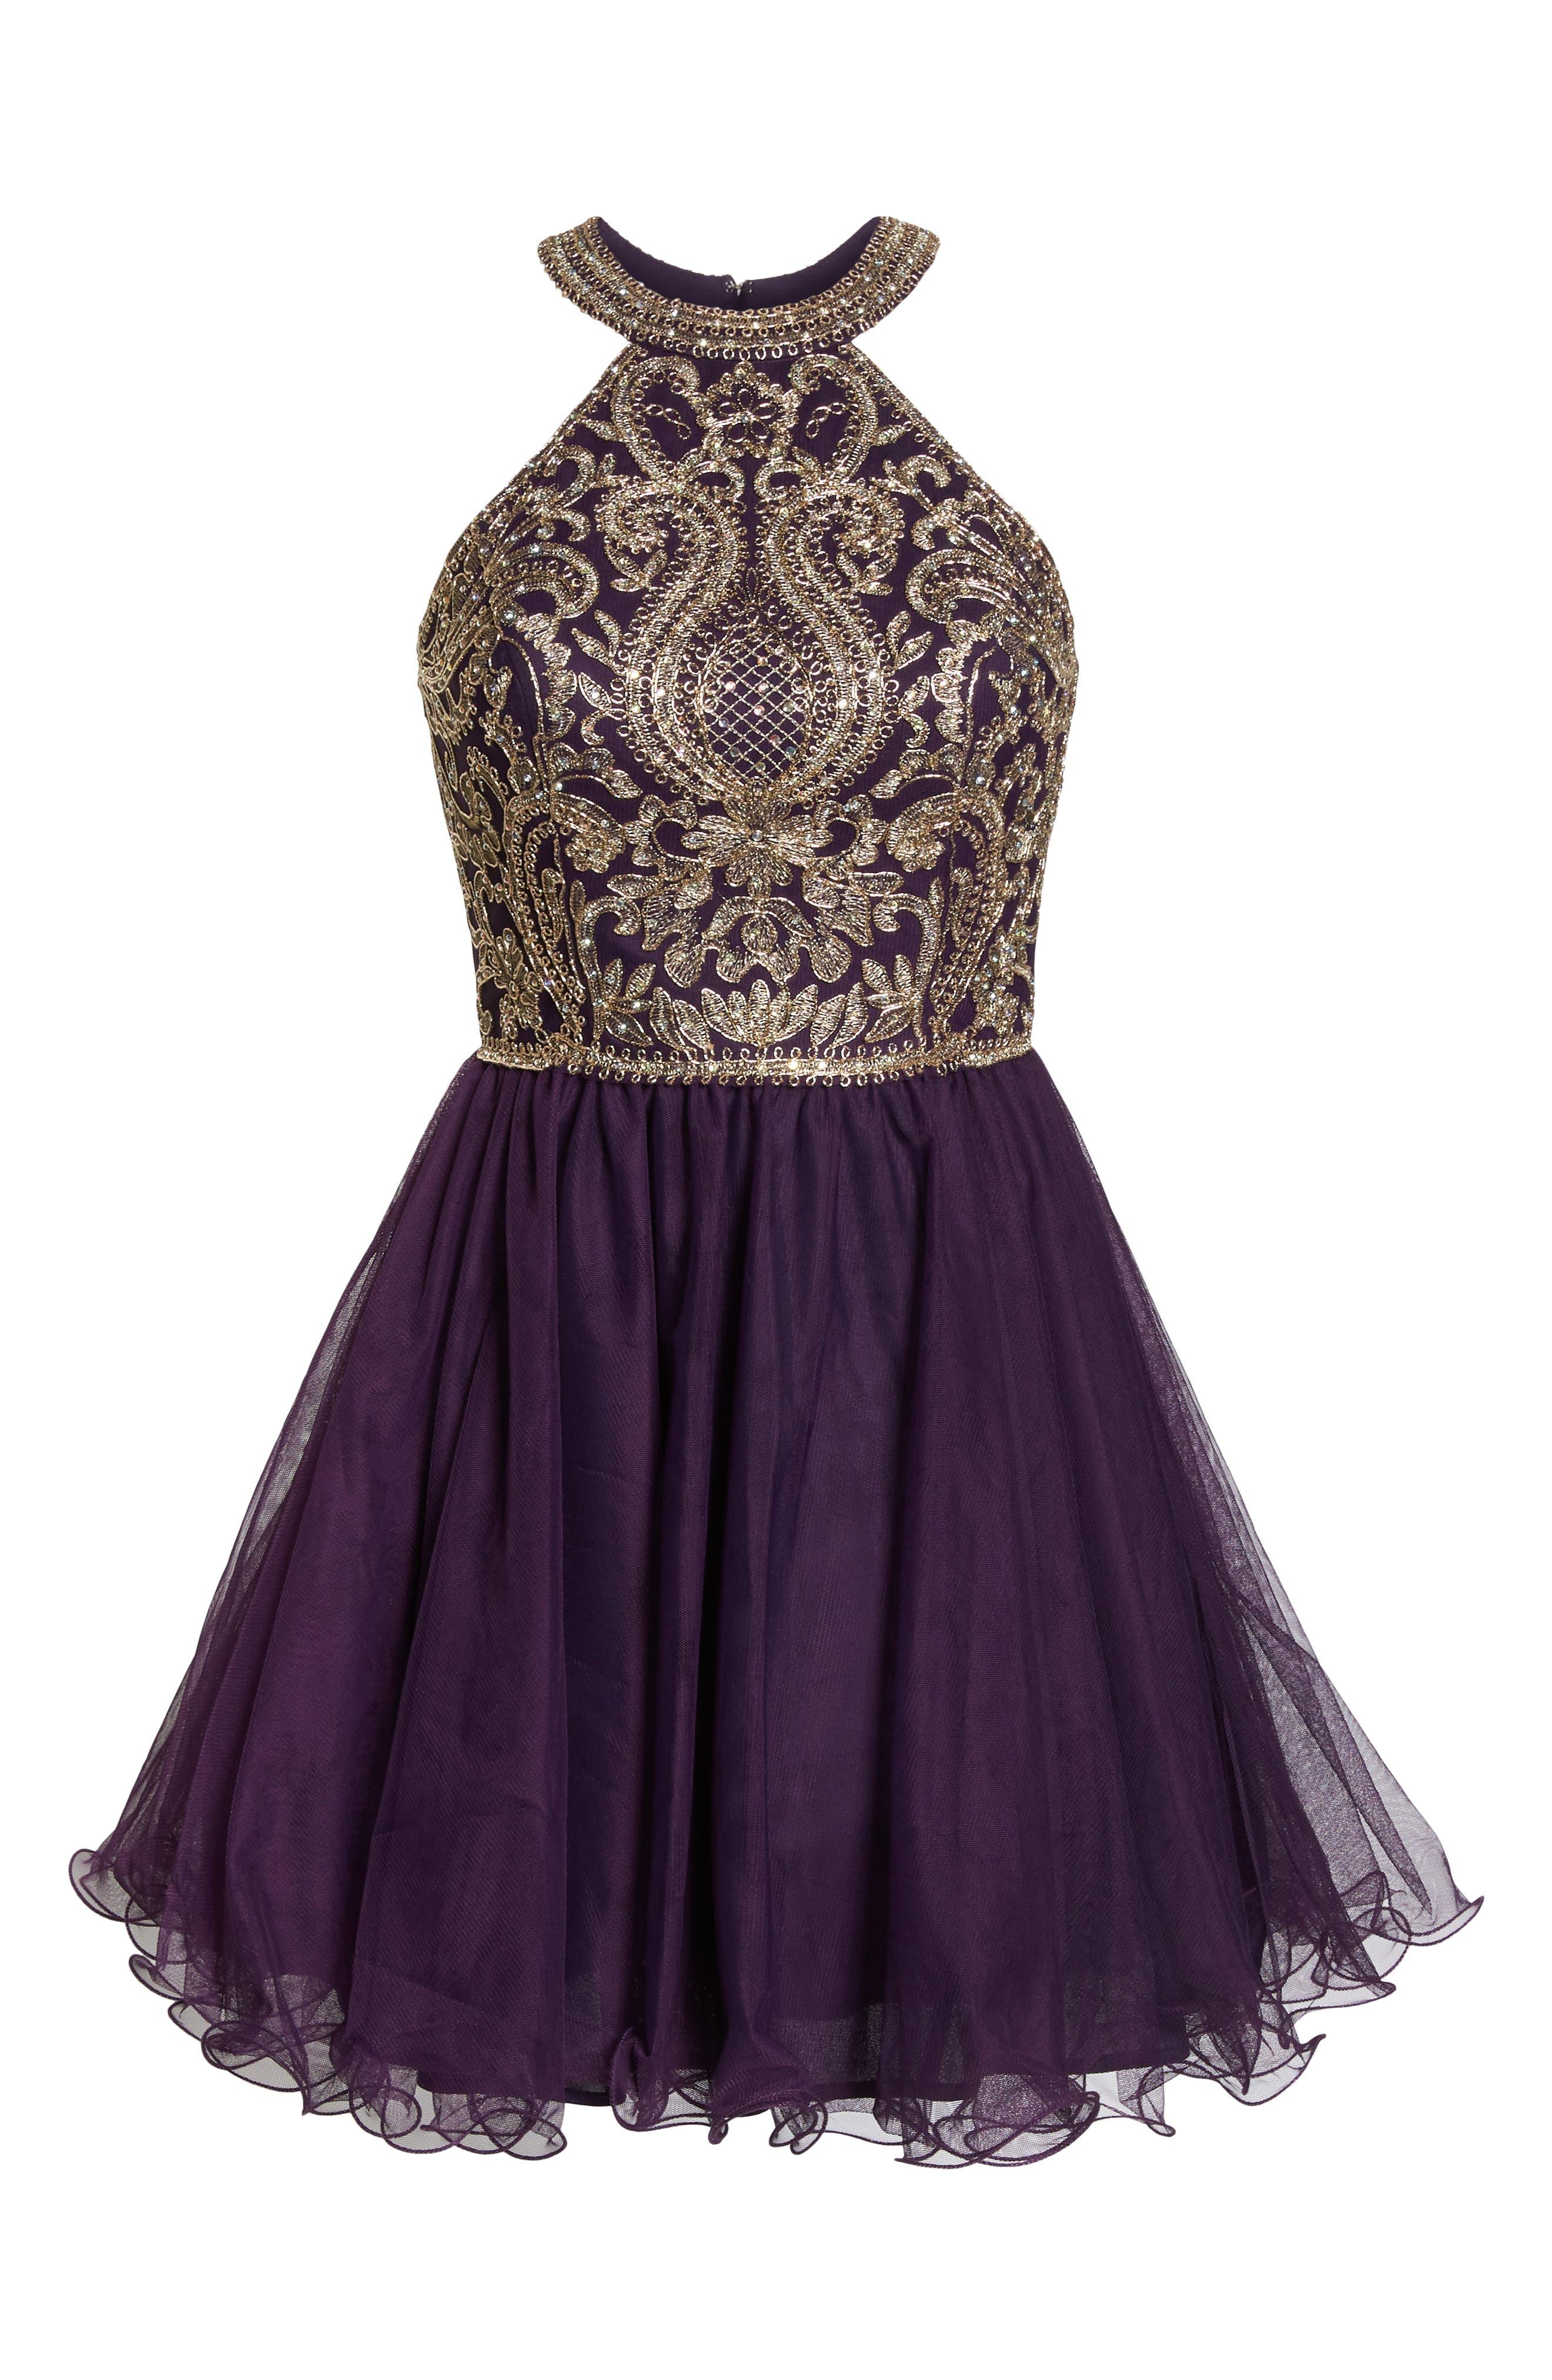 BLONDIE NITES,                             High Neck Appliqué Fit & Flare Dress,                             Alternate thumbnail 7, color,                             522